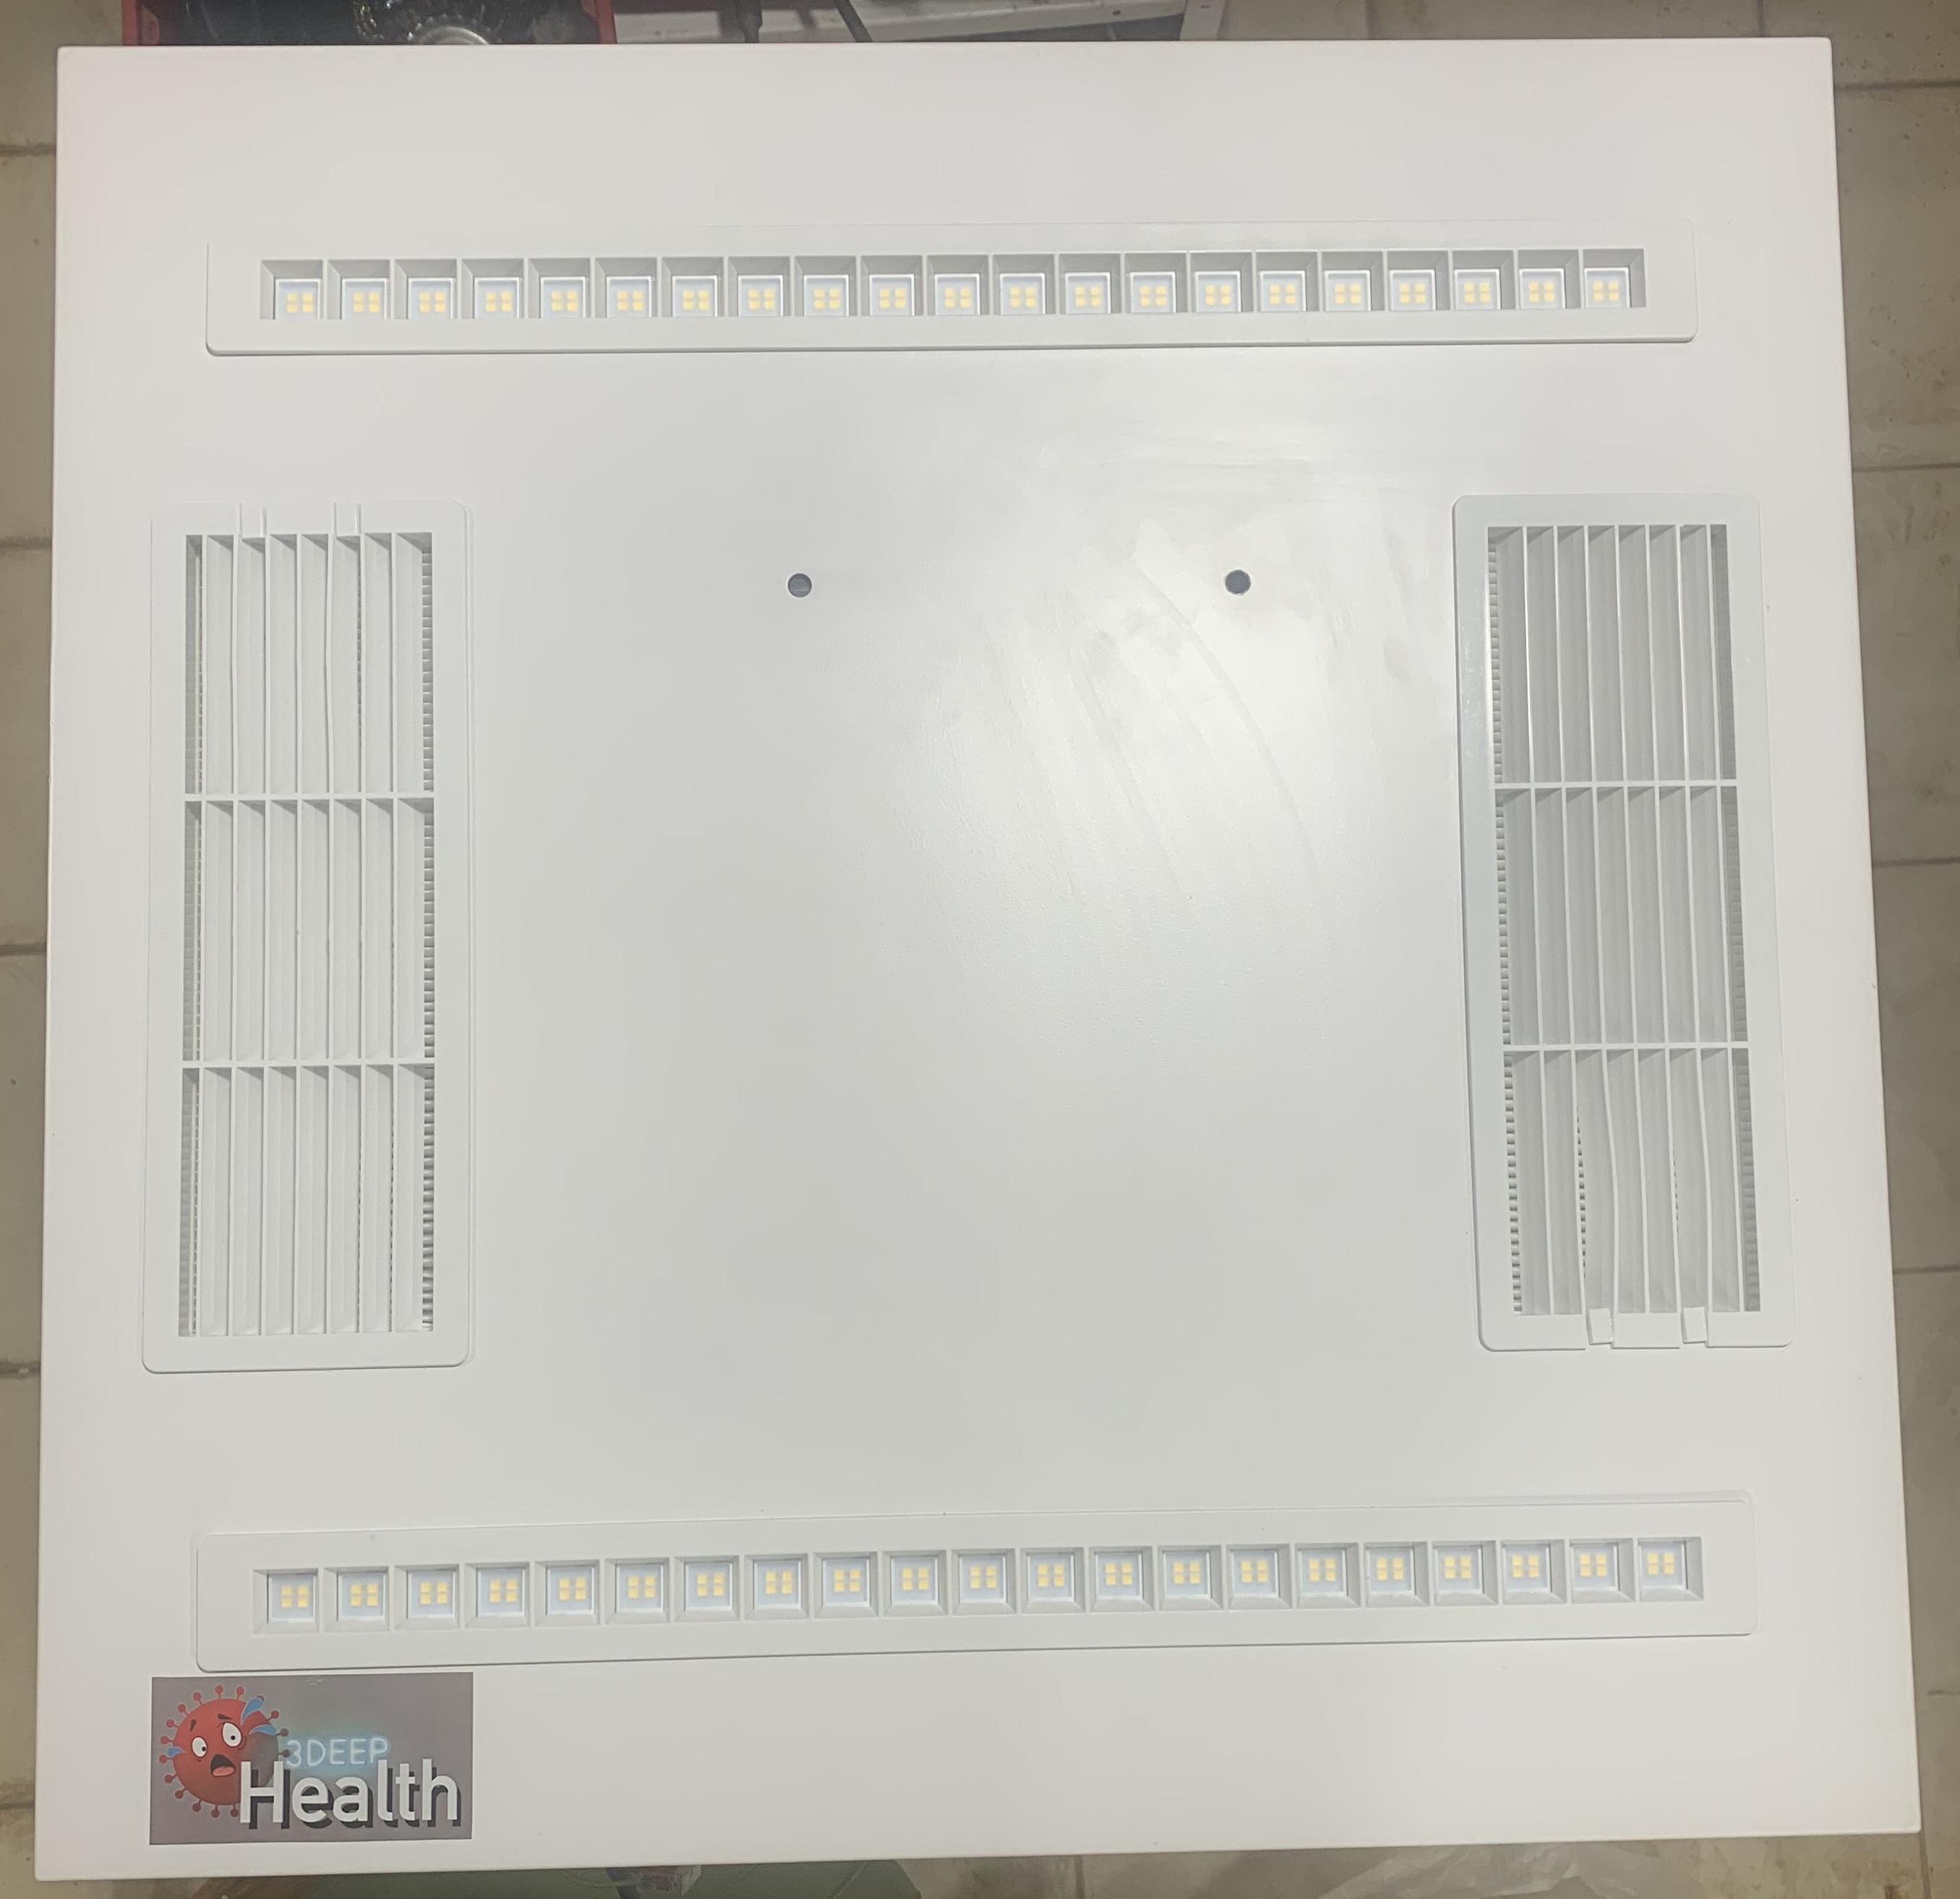 3Deephealth Beltéri fertőtlenítő UV-C lámpa